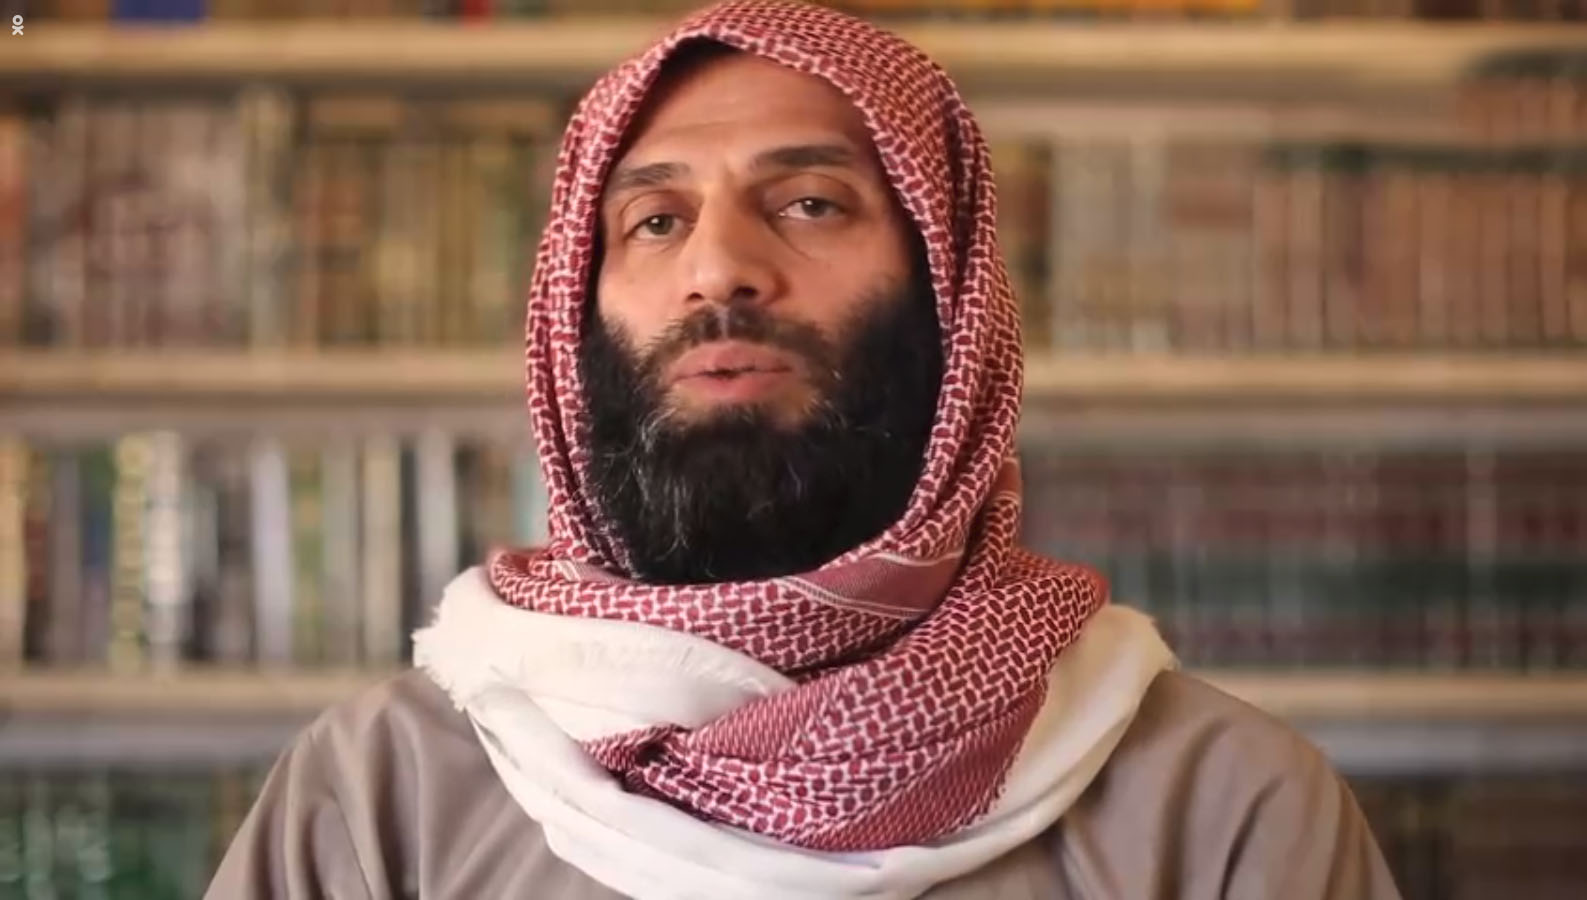 HTŞ'den El Kaide'nin 'biat' açıklamasına cevap